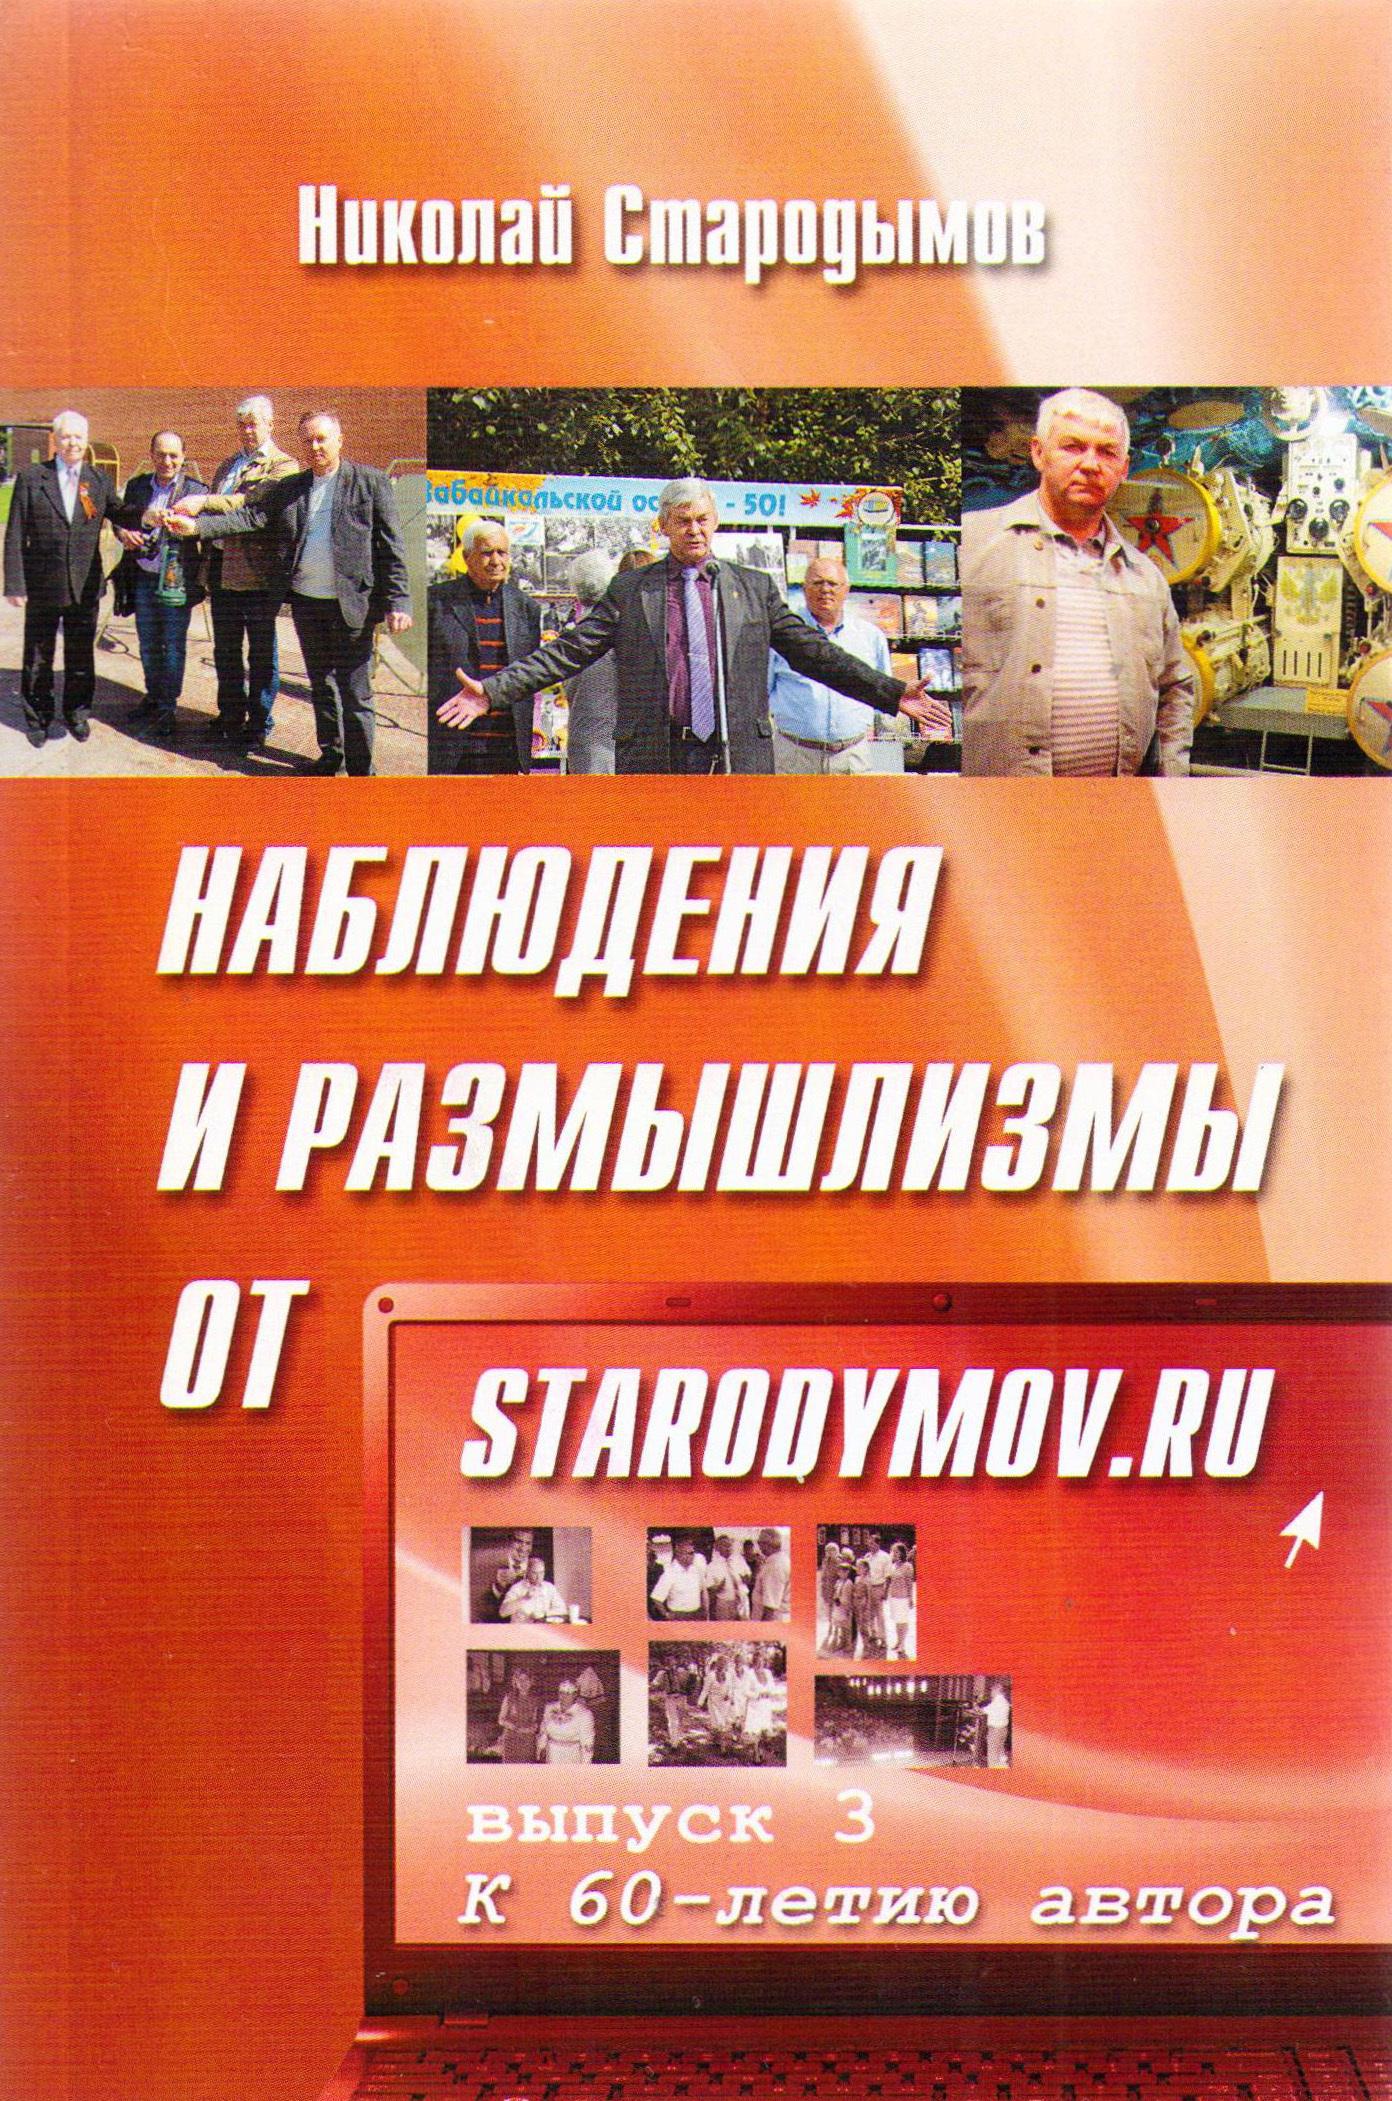 Николай Стародымов Наблюдения и размышлизмы от starodymov.ru. Выпуск №3